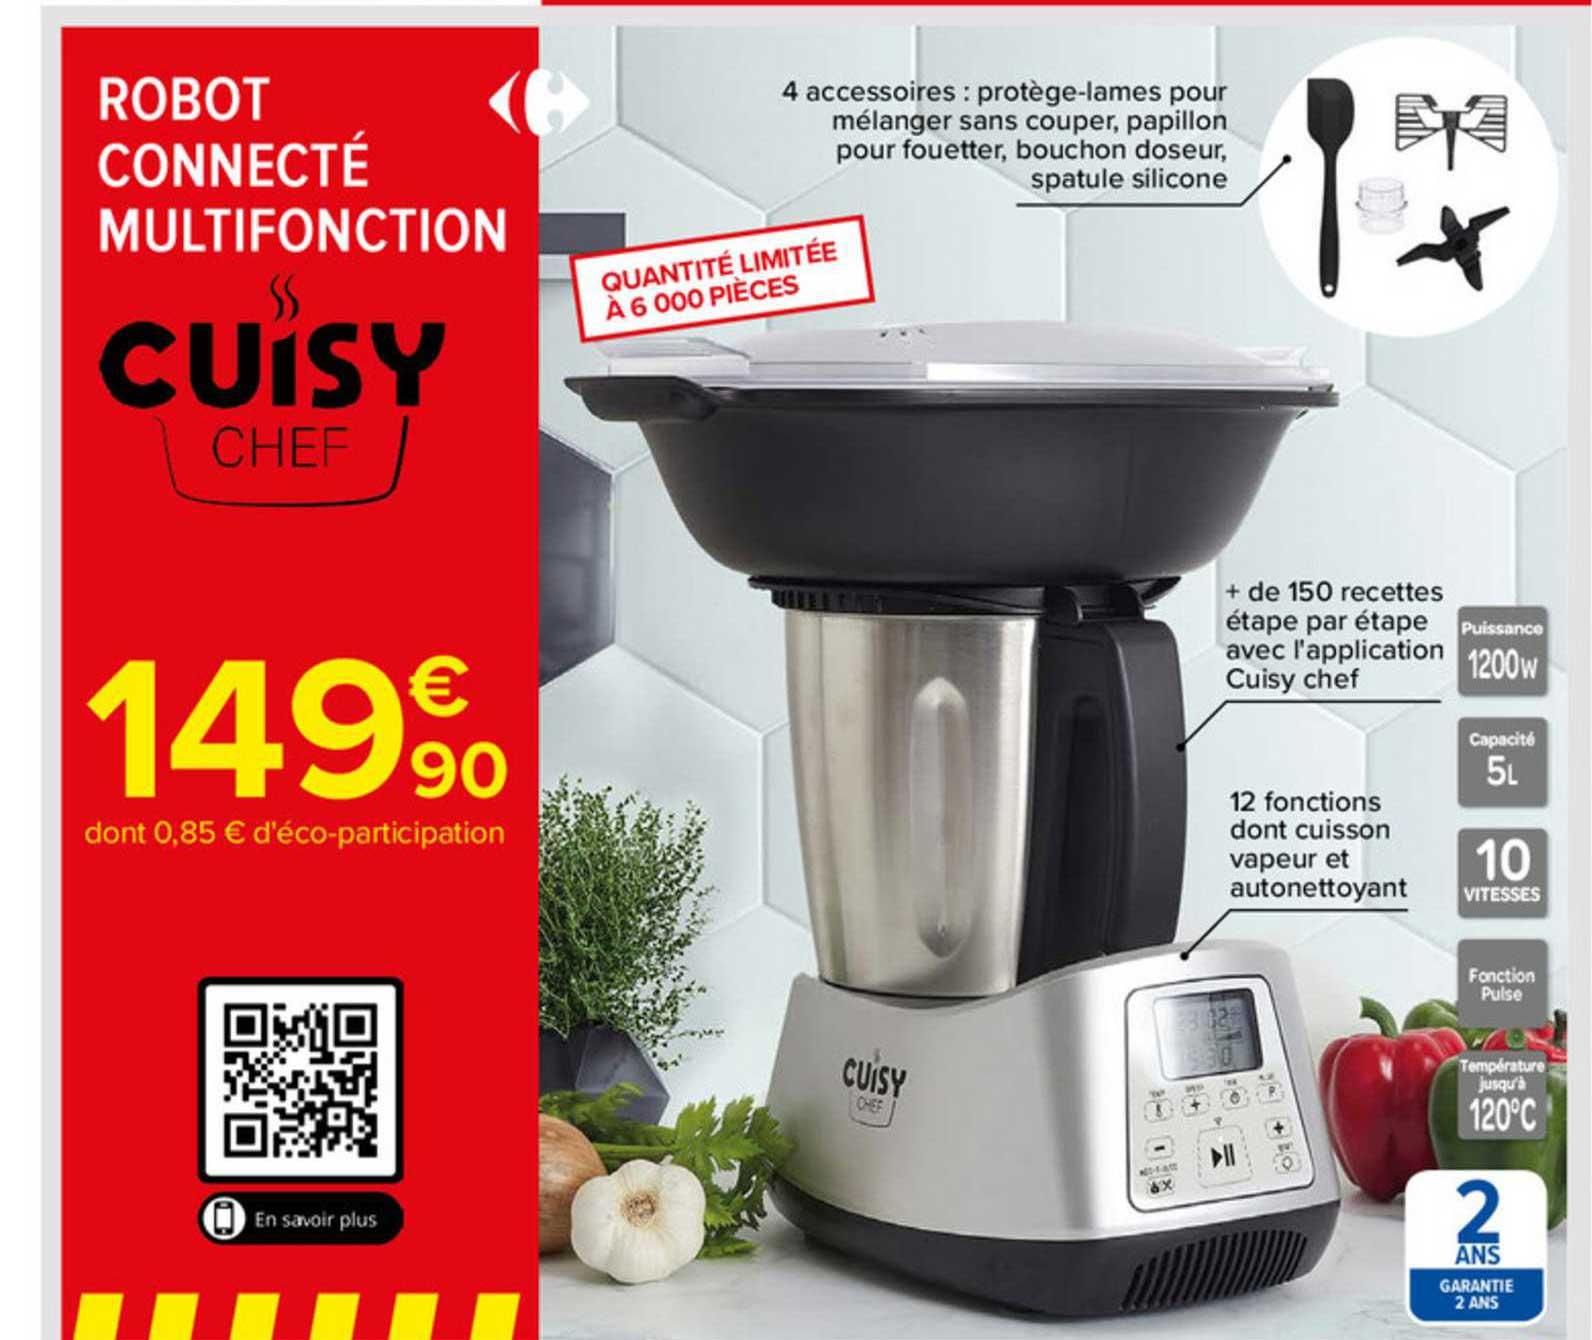 Carrefour Robot Connecté Multifonction Cuisy Chef